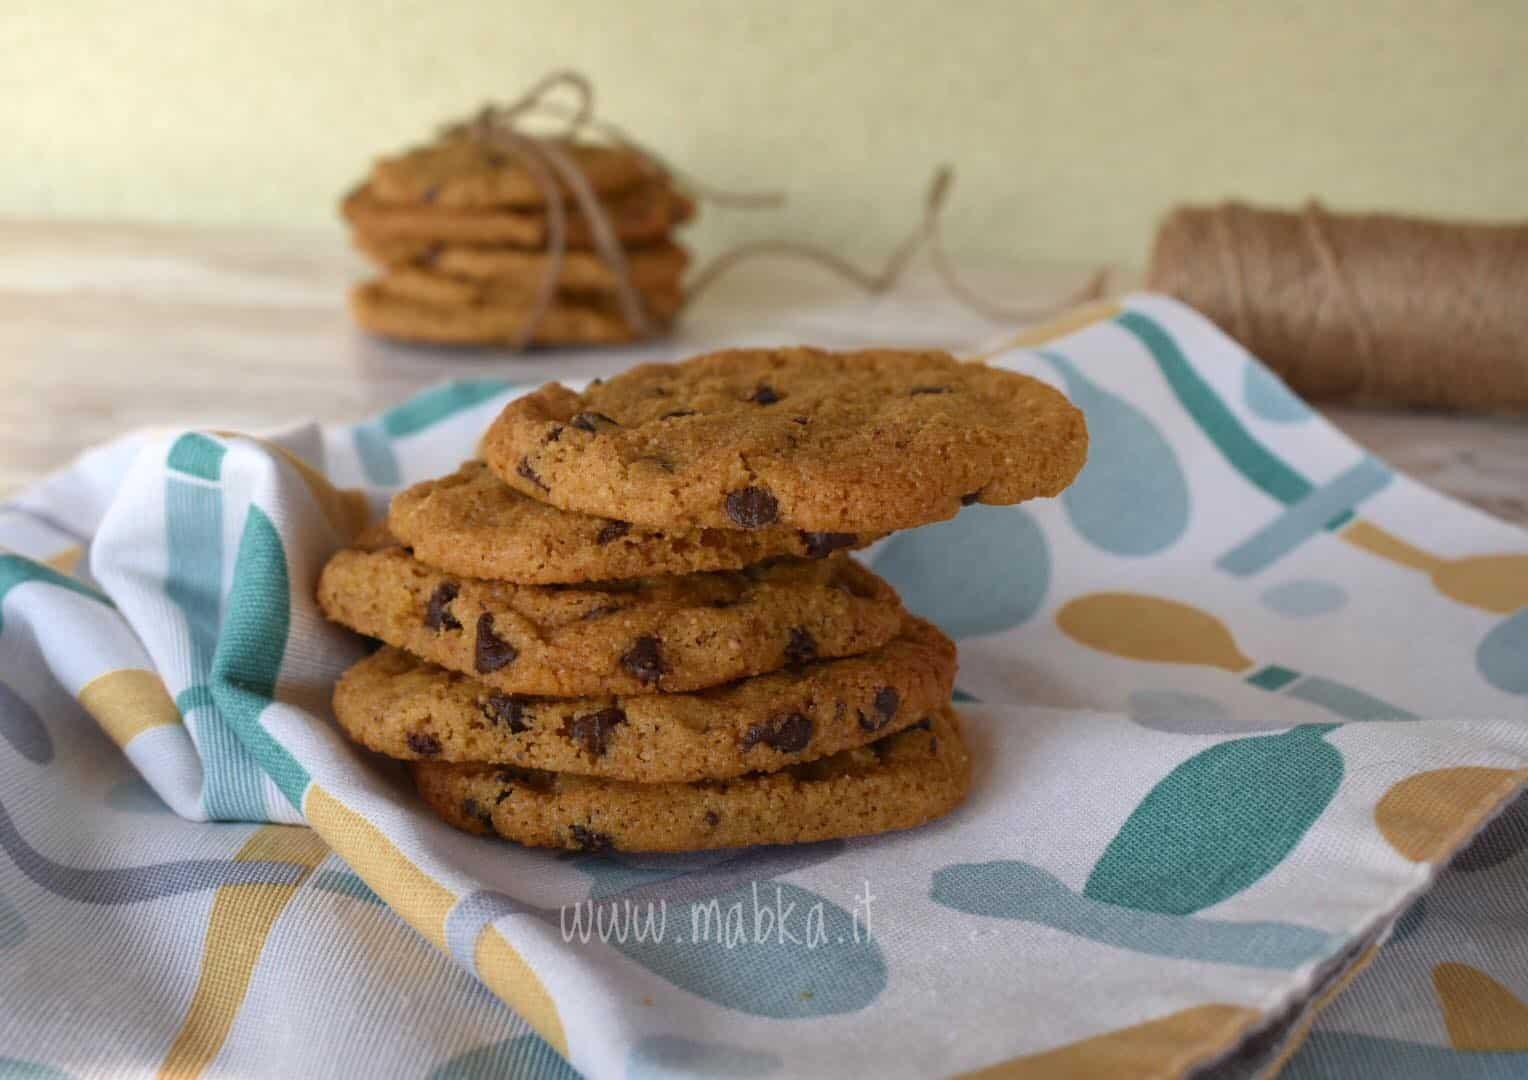 biscotti al burro di arachidi, senza lattosio, senza latticini, senza farina